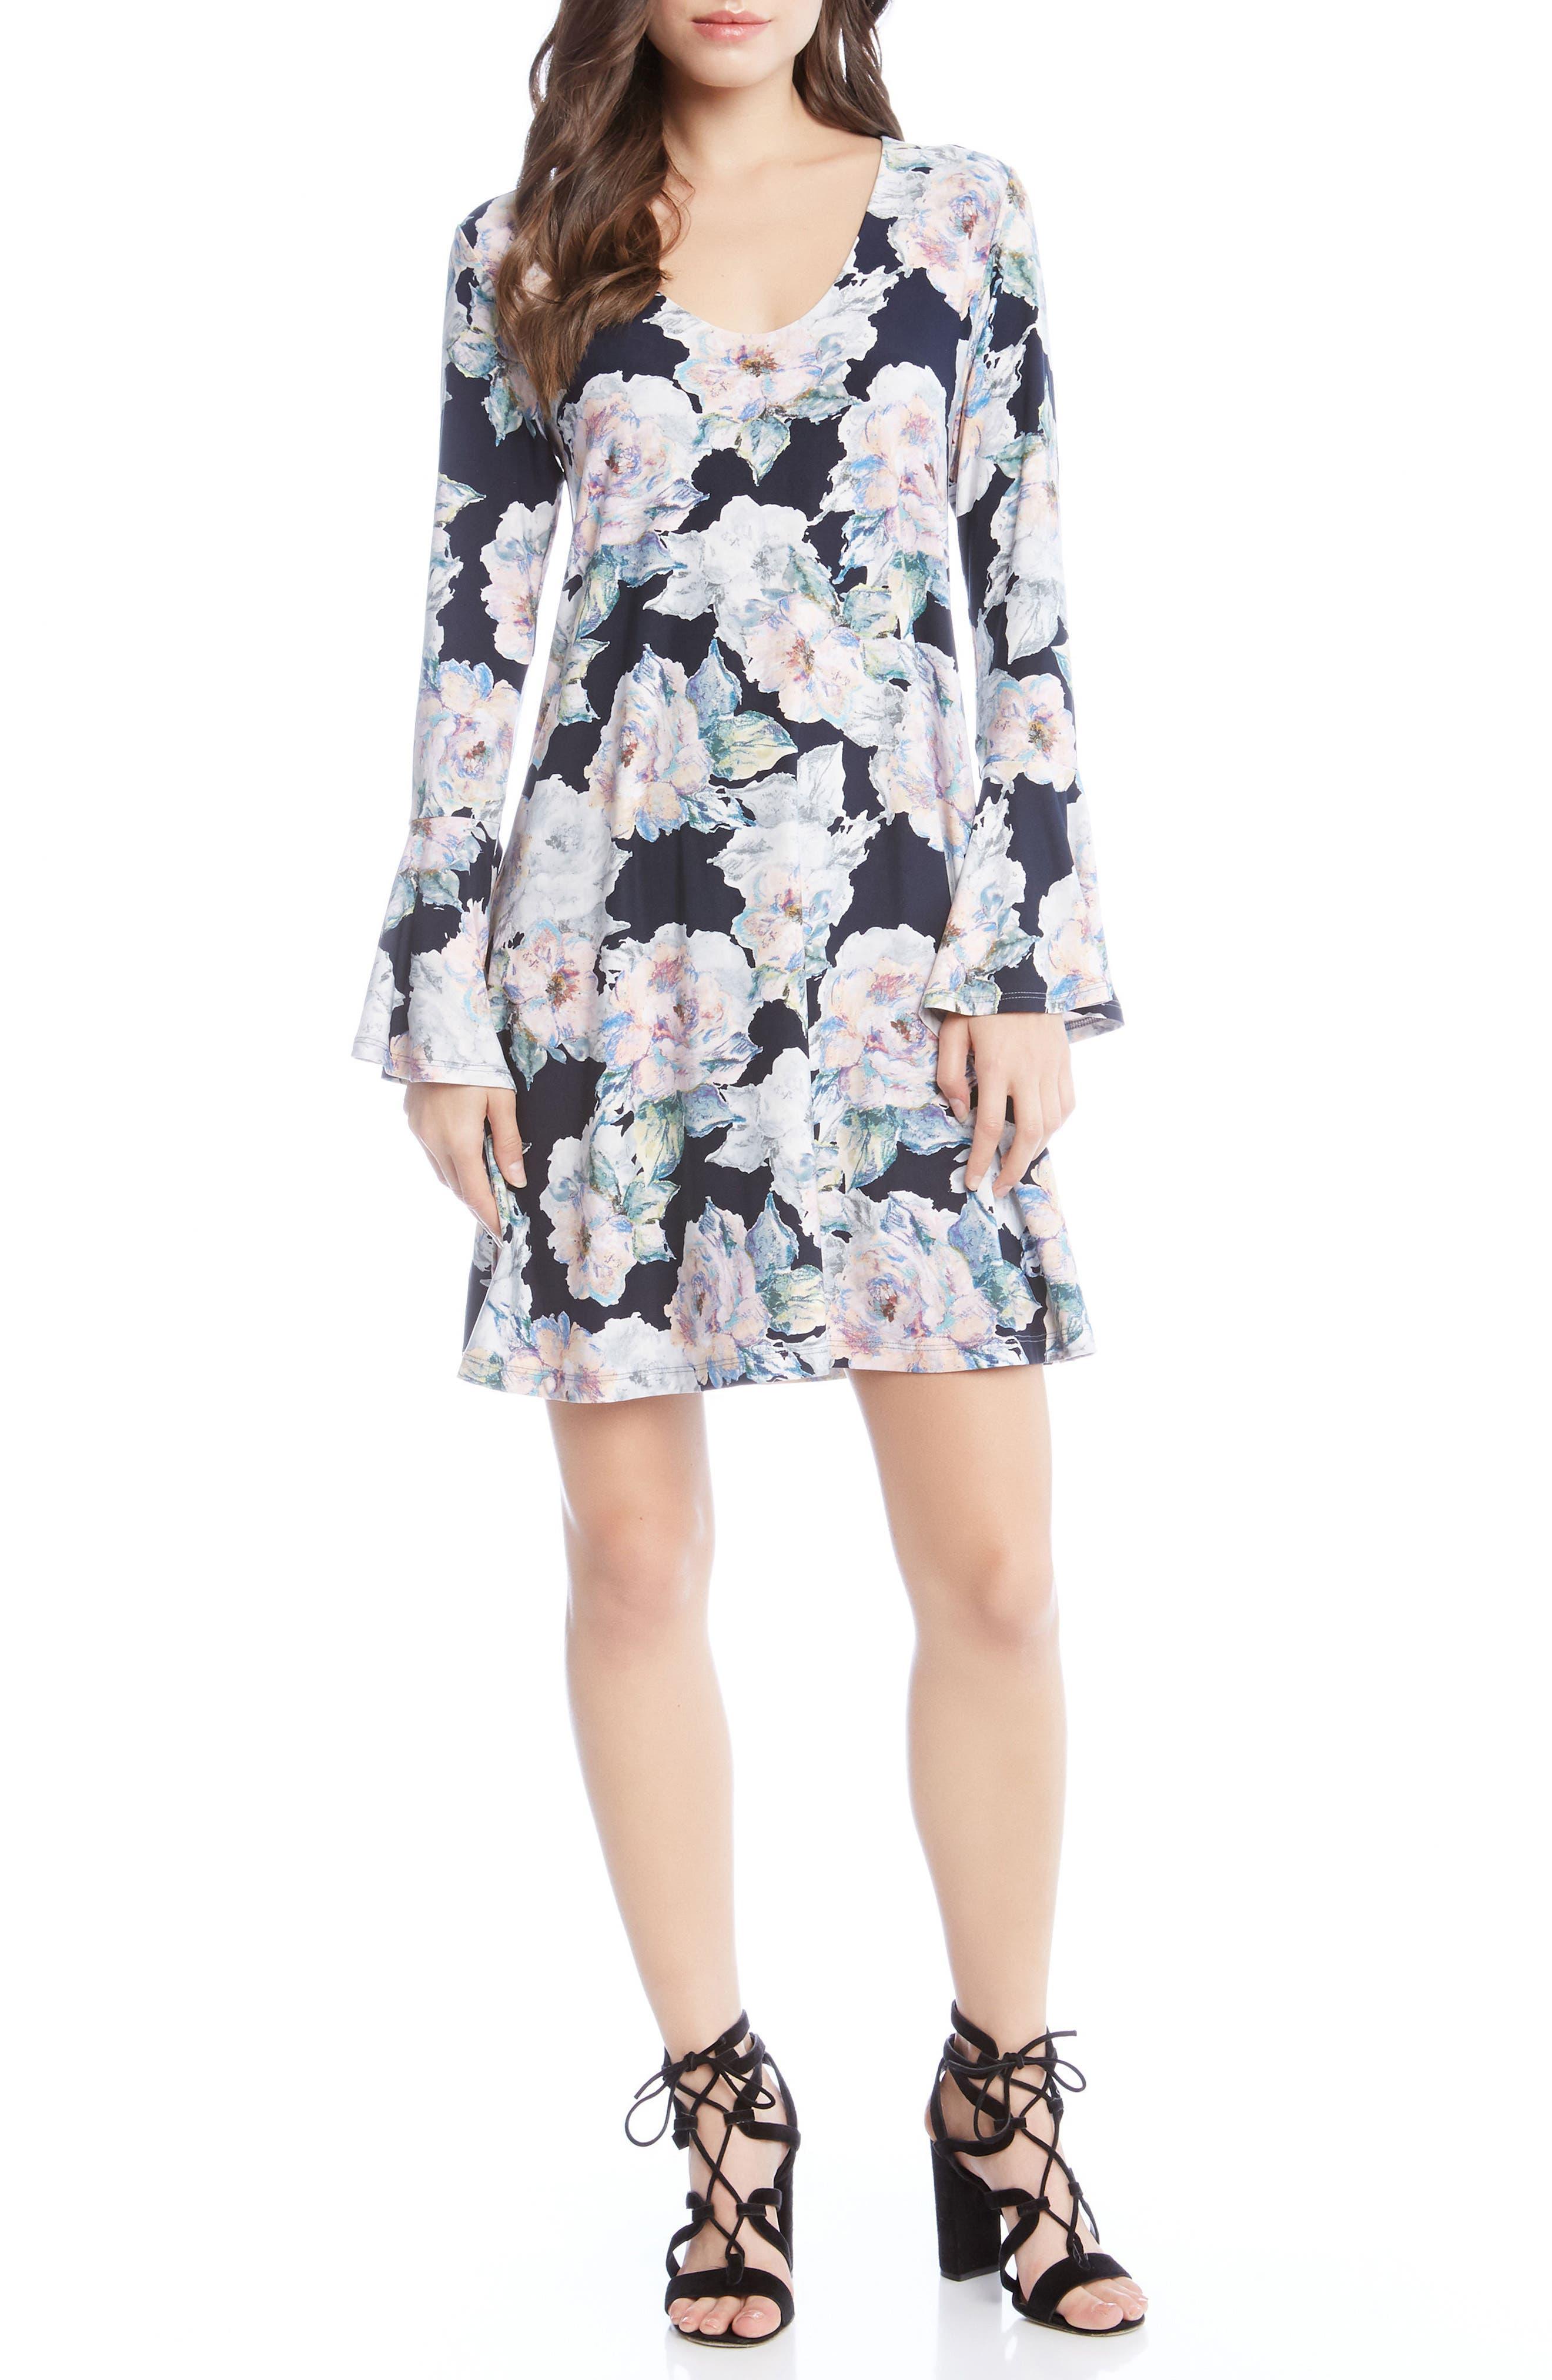 KAREN KANE Taylor Bell Sleeve Dress, Main, color, 001